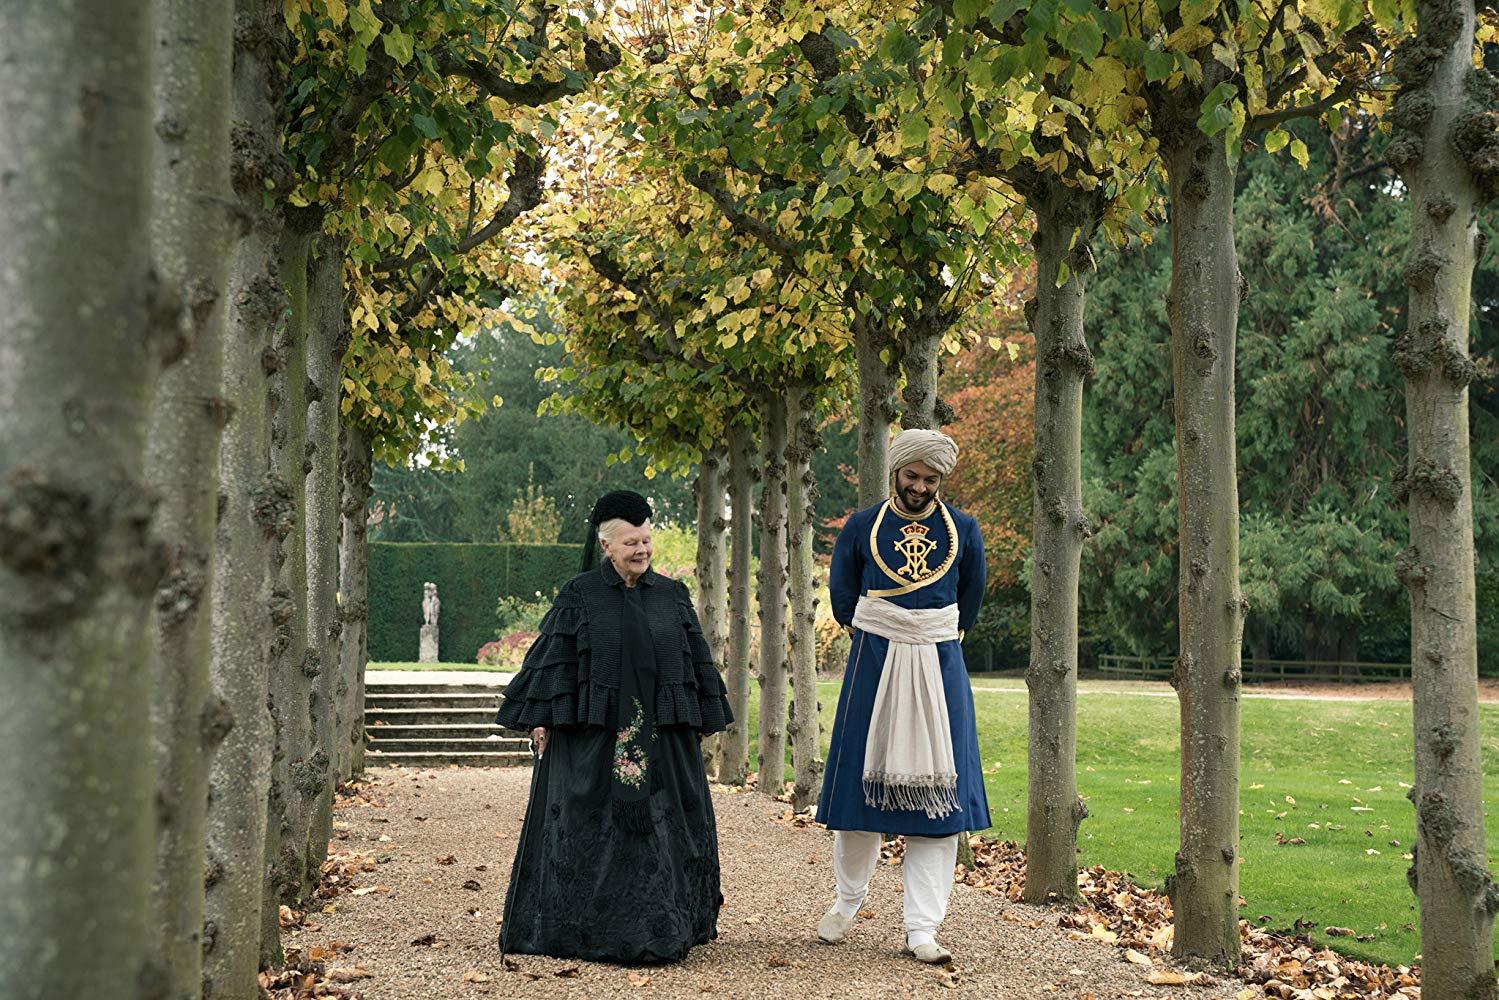 映画「ヴィクトリア女王 最期の秘密」あらすじ、ネタバレ感想!笑える宮廷闘争